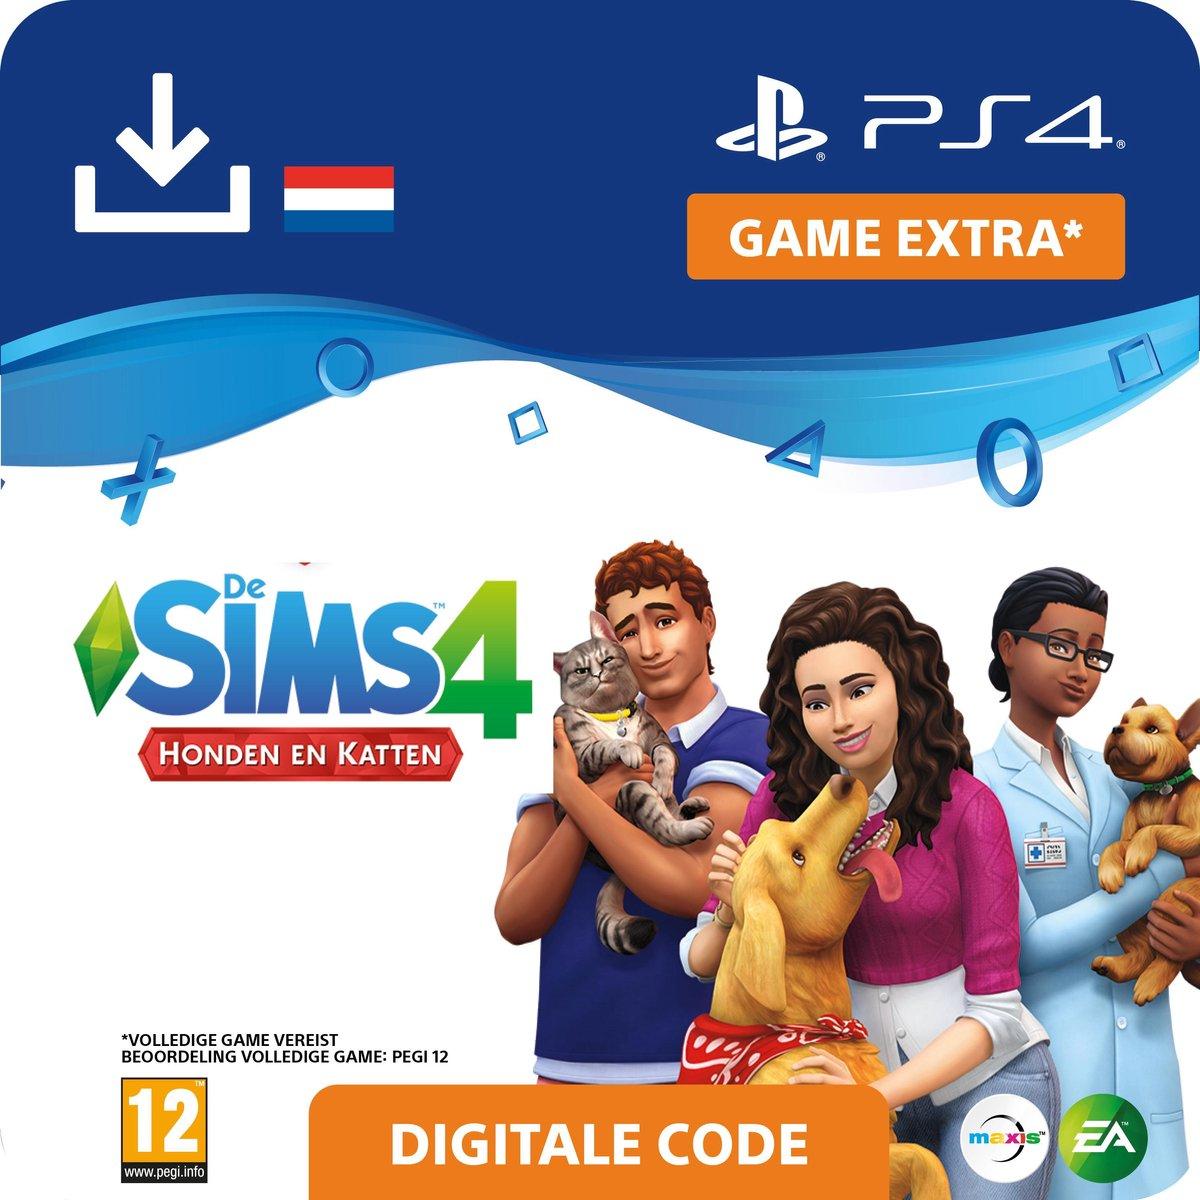 De Sims 4 - uitbreidingsset - Honden en Katten - NL - PS4 download